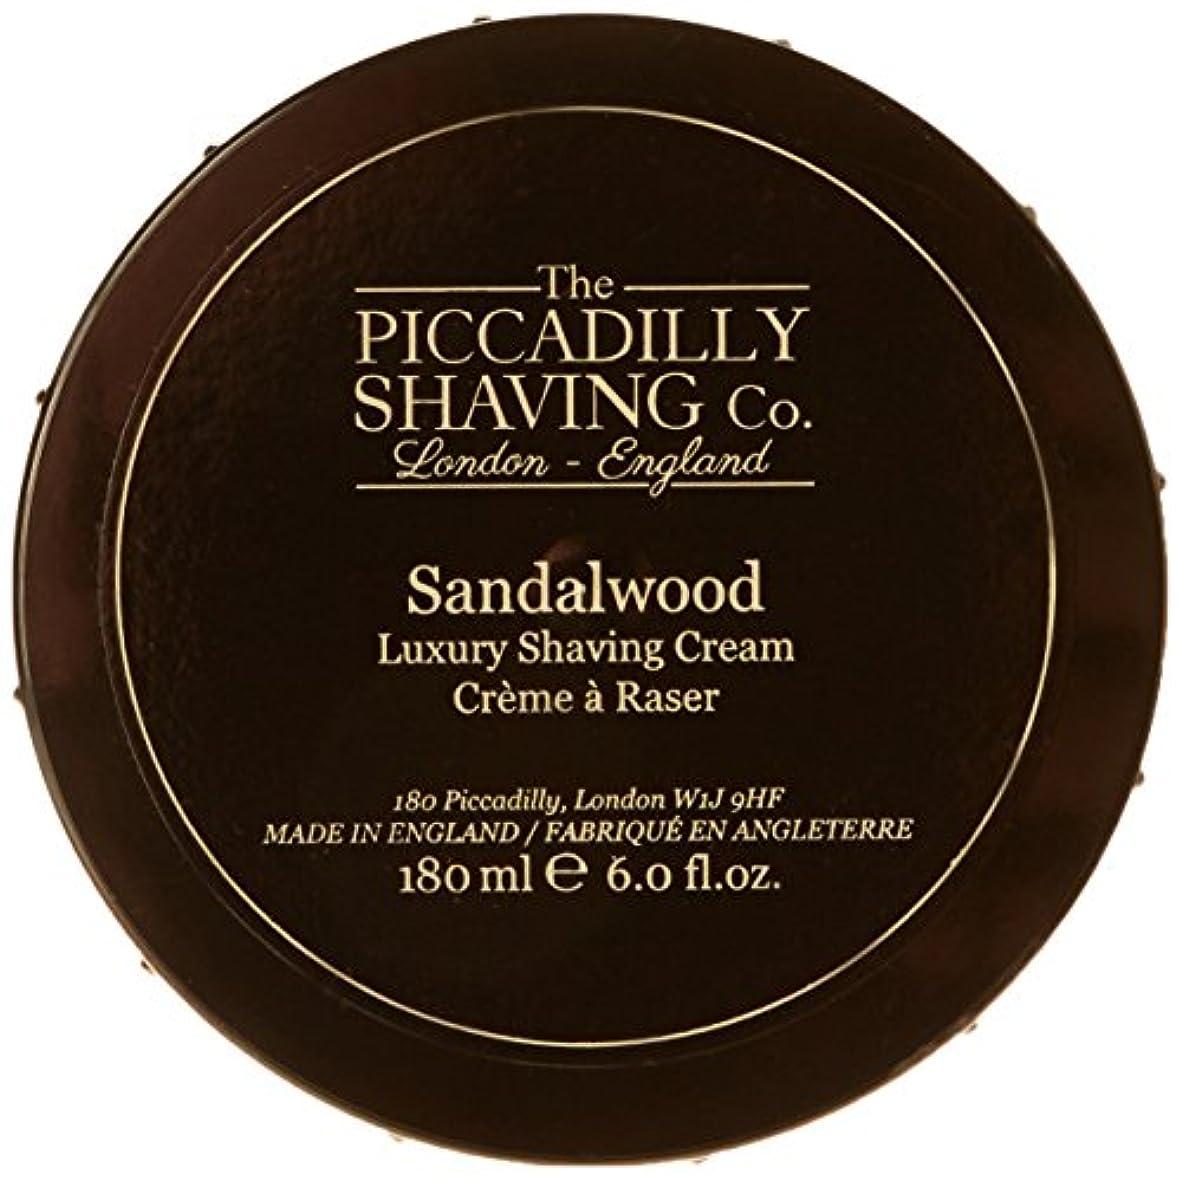 記念碑的な熱心な柔らかい足Taylor Of Old Bond Street The Piccadilly Shaving Co. Sandalwood Luxury Shaving Cream 180g/6oz並行輸入品